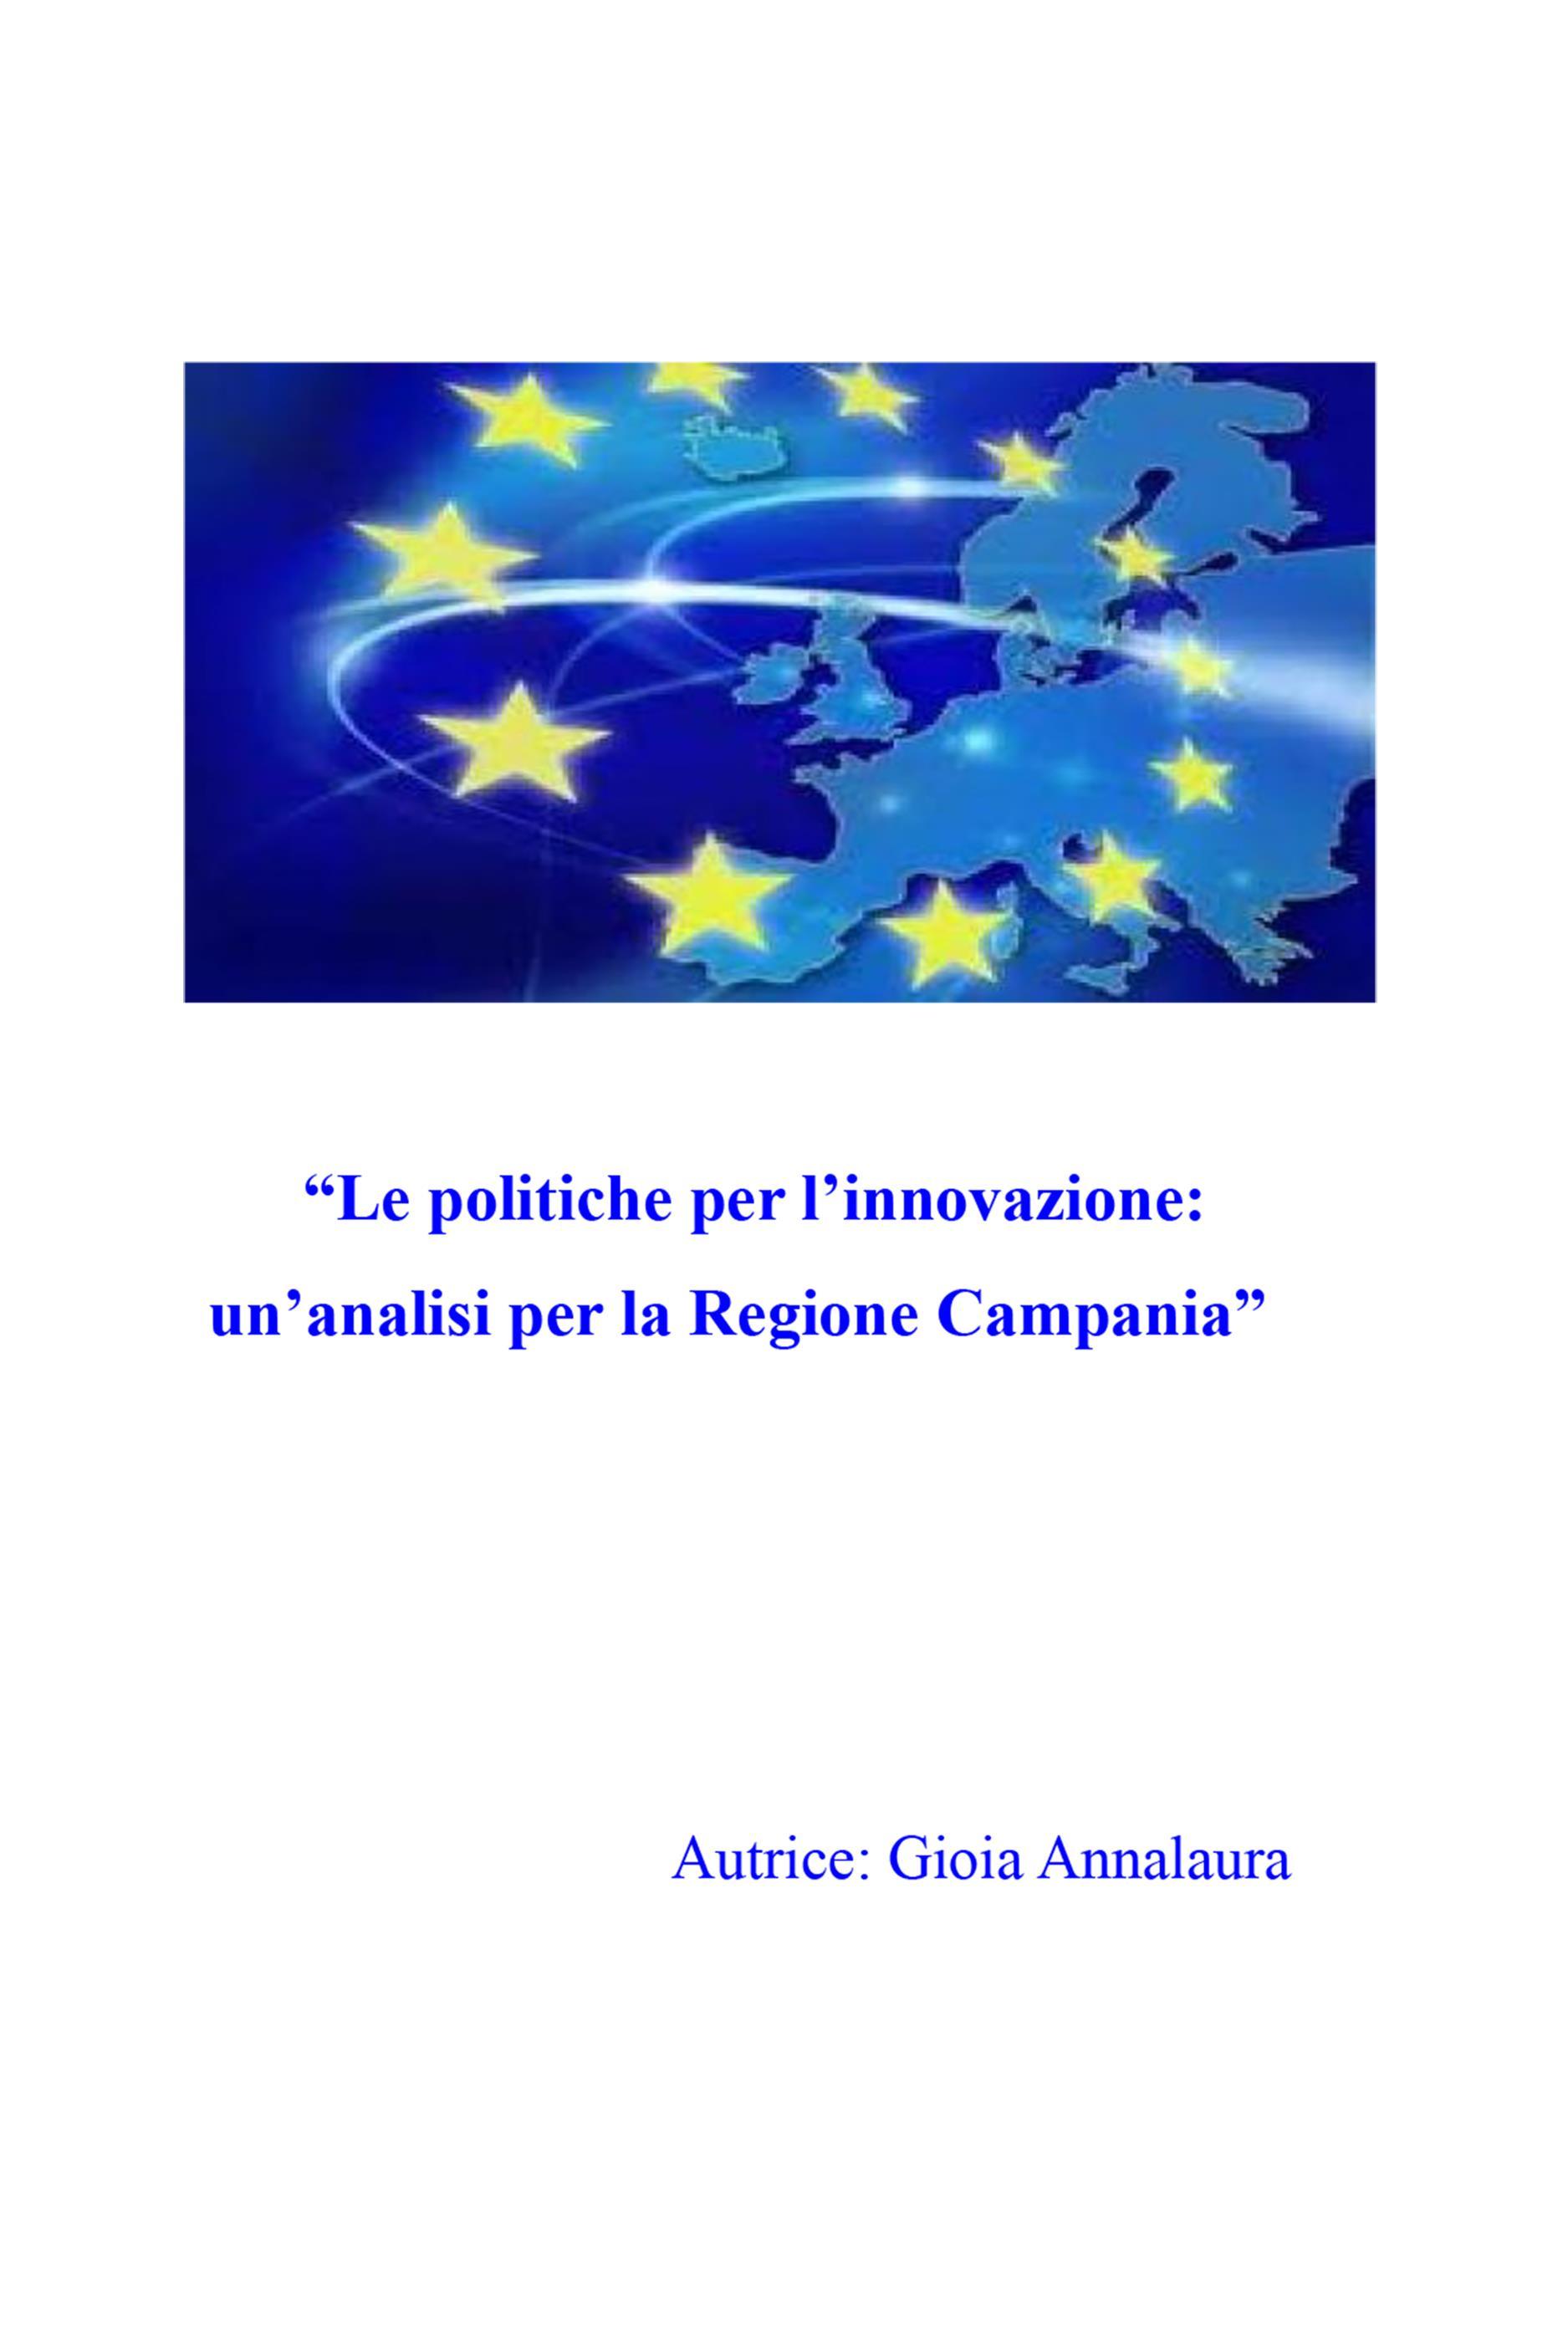 Le politiche per l'innovazione: un'analisi per la Regione Campania